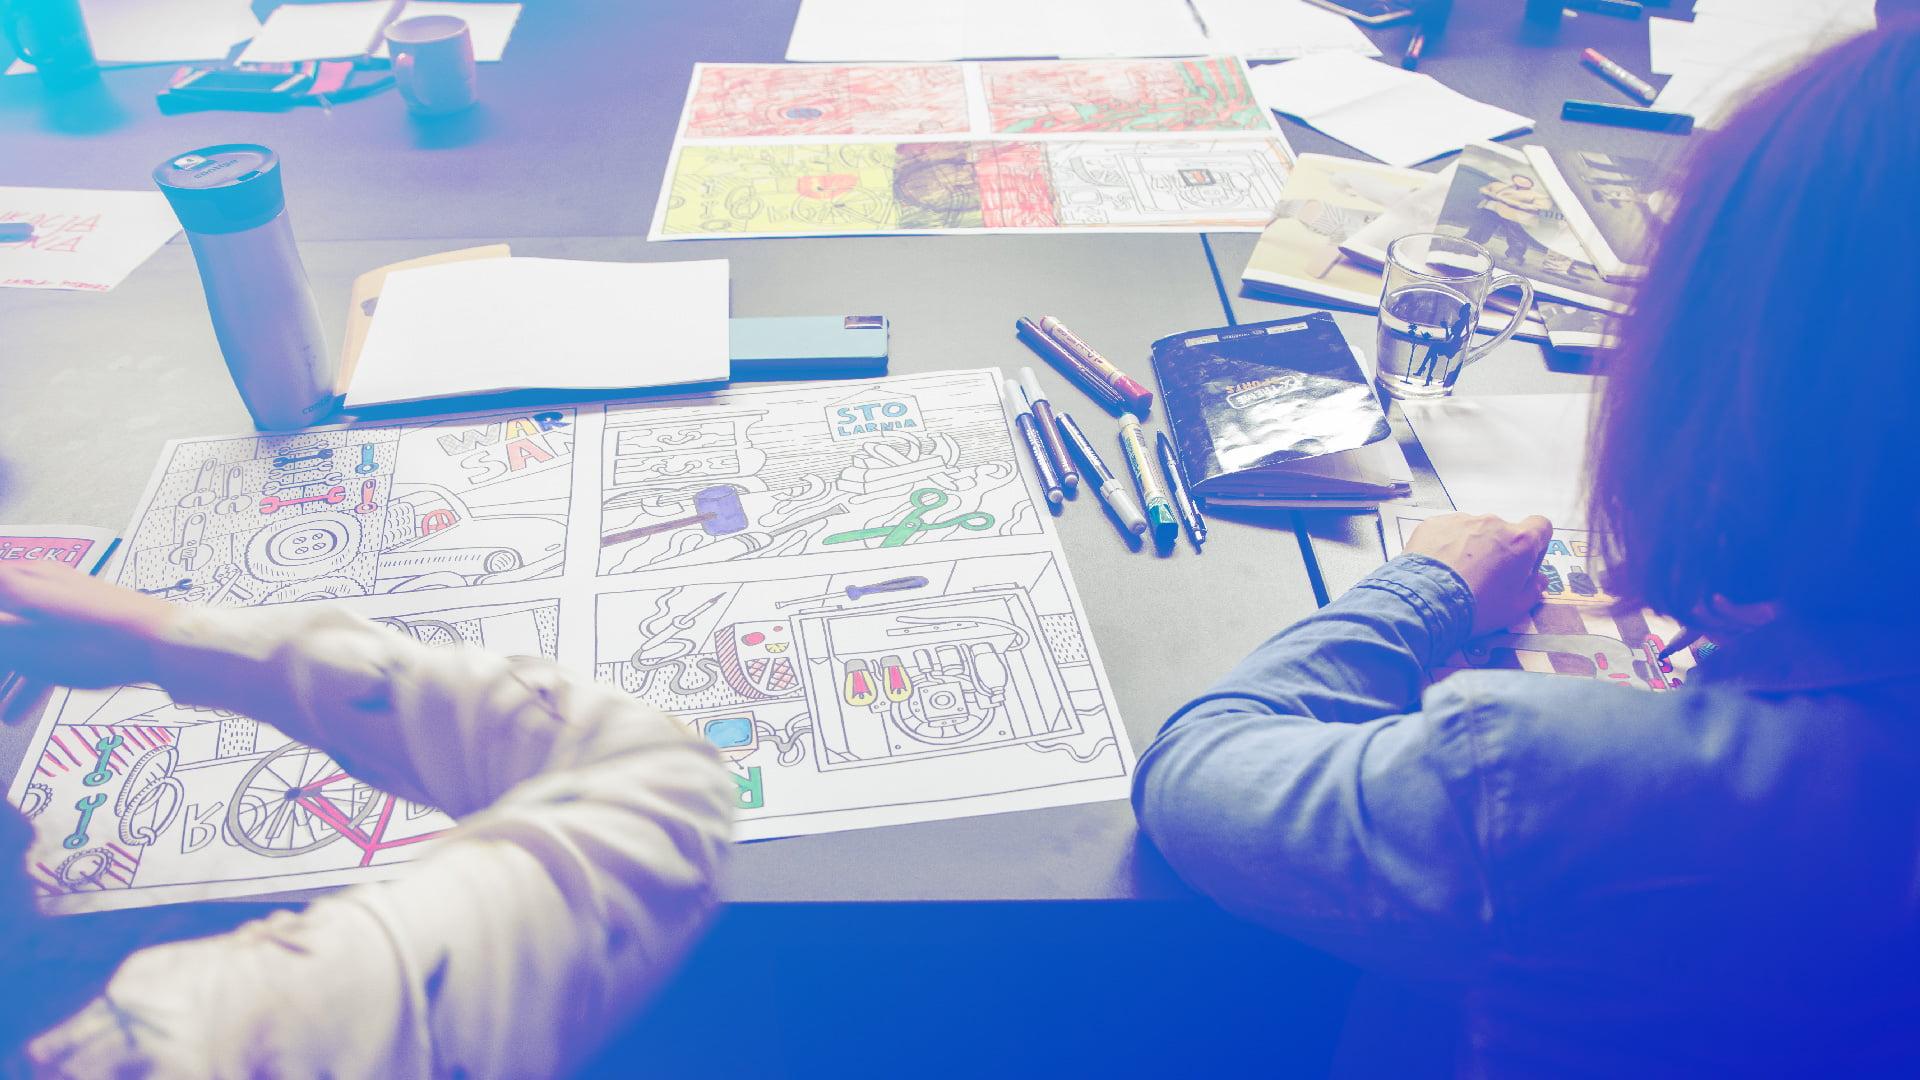 Stół, na którym leżą markery, zeszyty, obrazki oraz kartki z rysunkami.